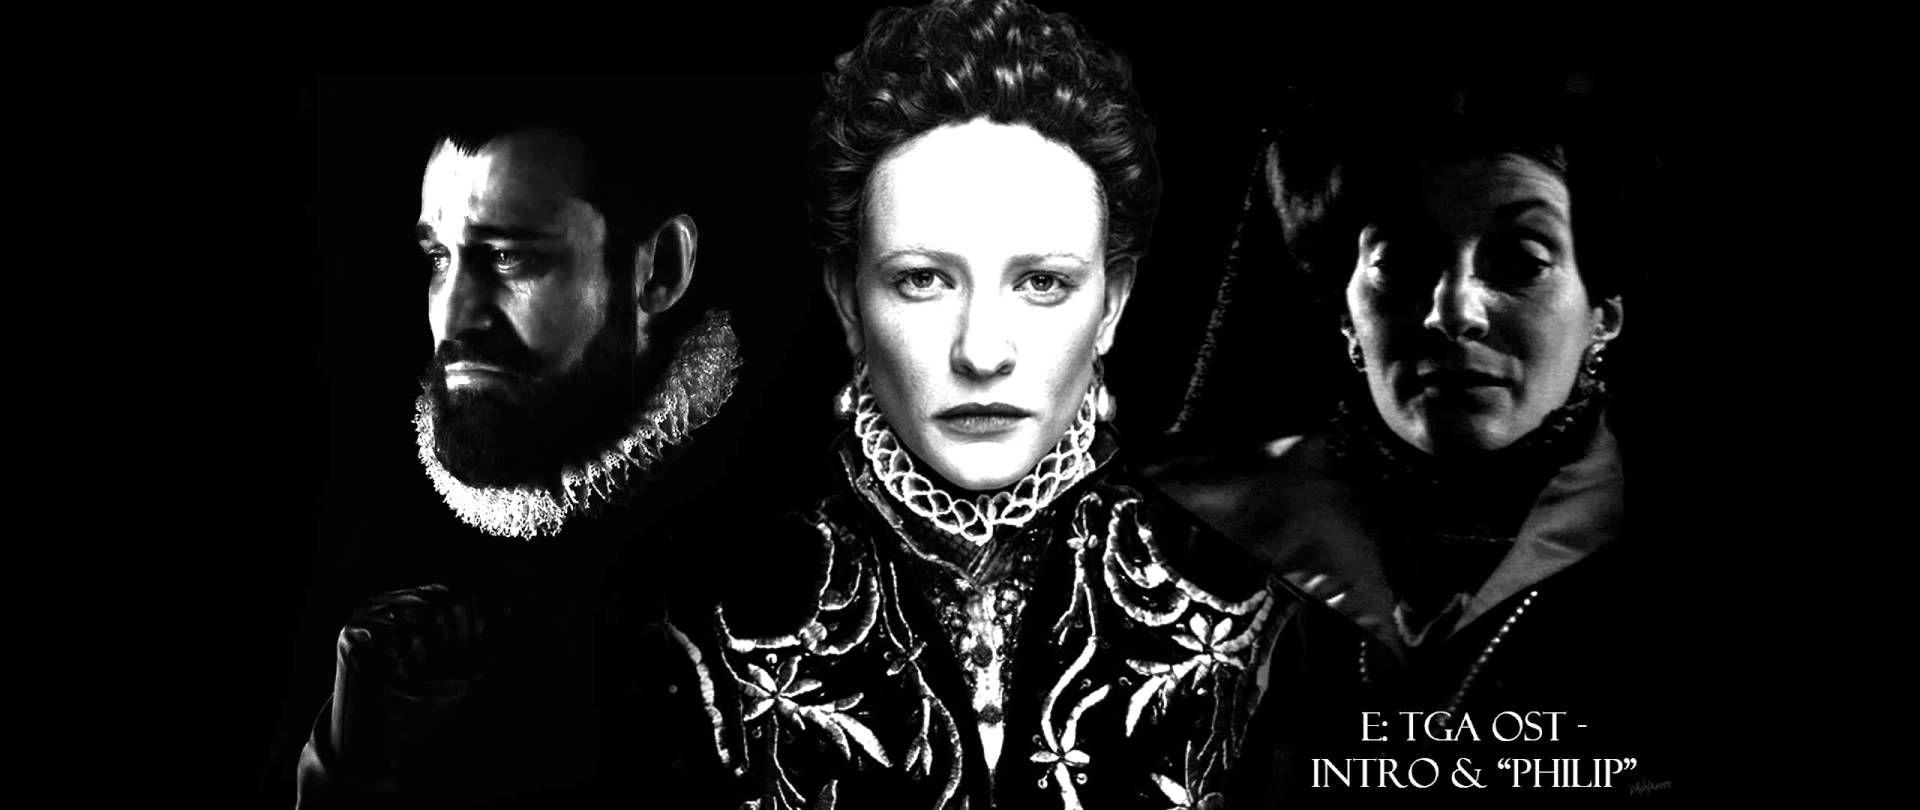 elizabeth the golden age film - Cerca con Google